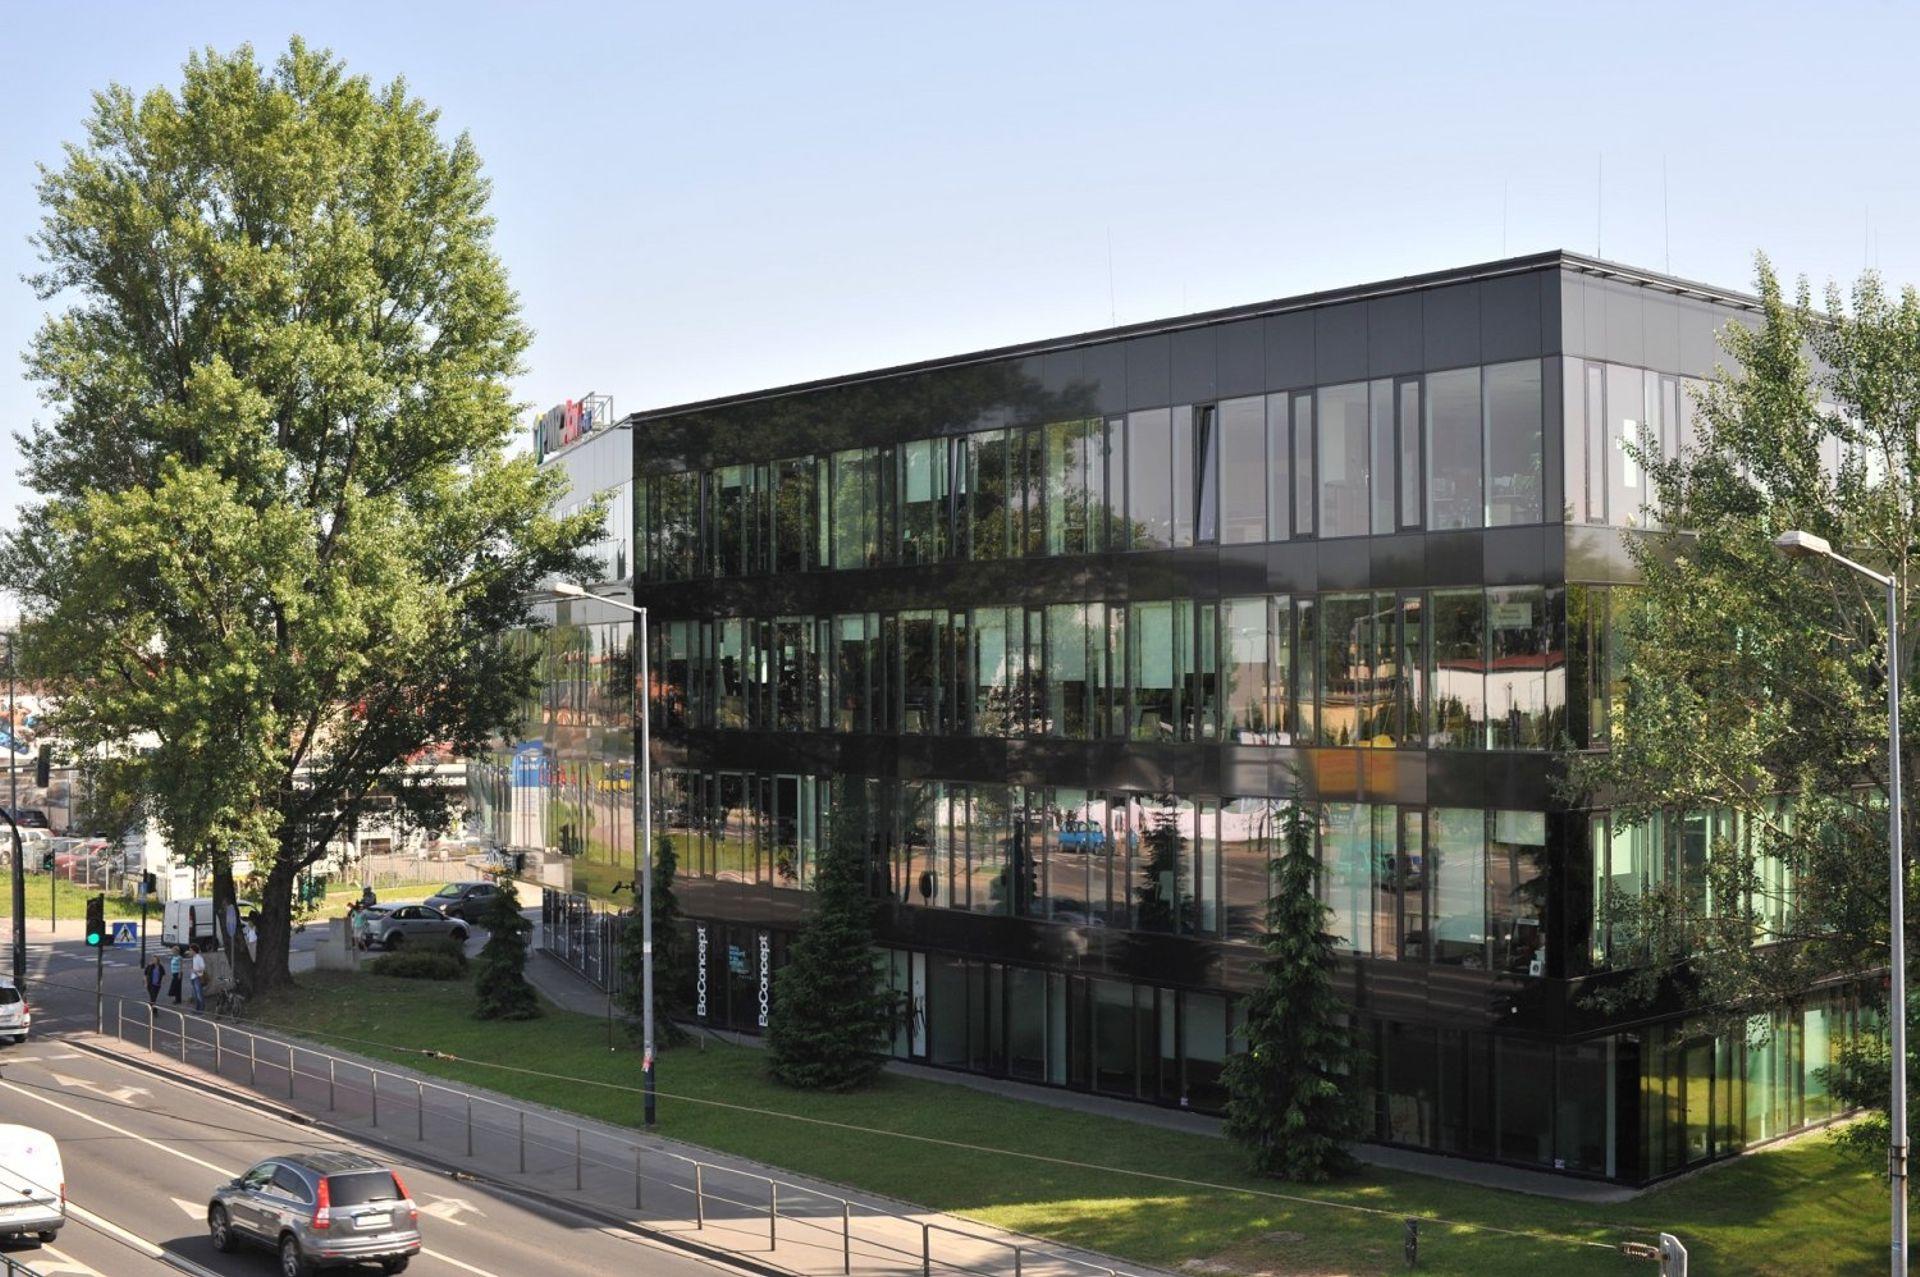 [Kraków] Polski operator elastycznych powierzchni biurowych wejdzie do  Diamante Plaza w Krakowie